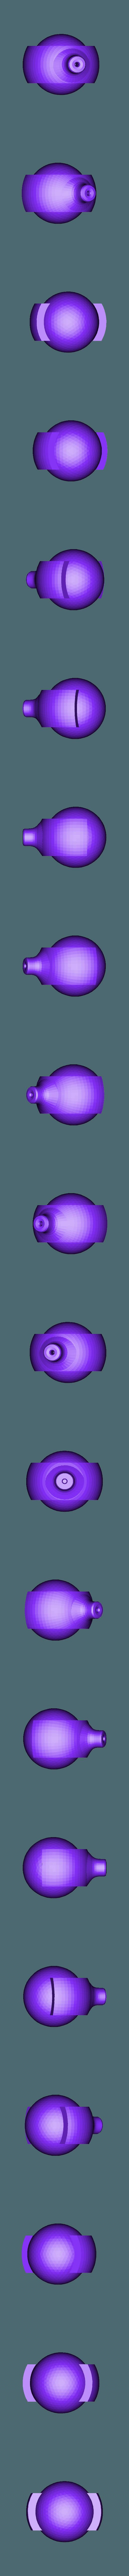 ballroll3a.STL Télécharger fichier STL gratuit roulement de balle avec monture • Objet pour imprimante 3D, syzguru11